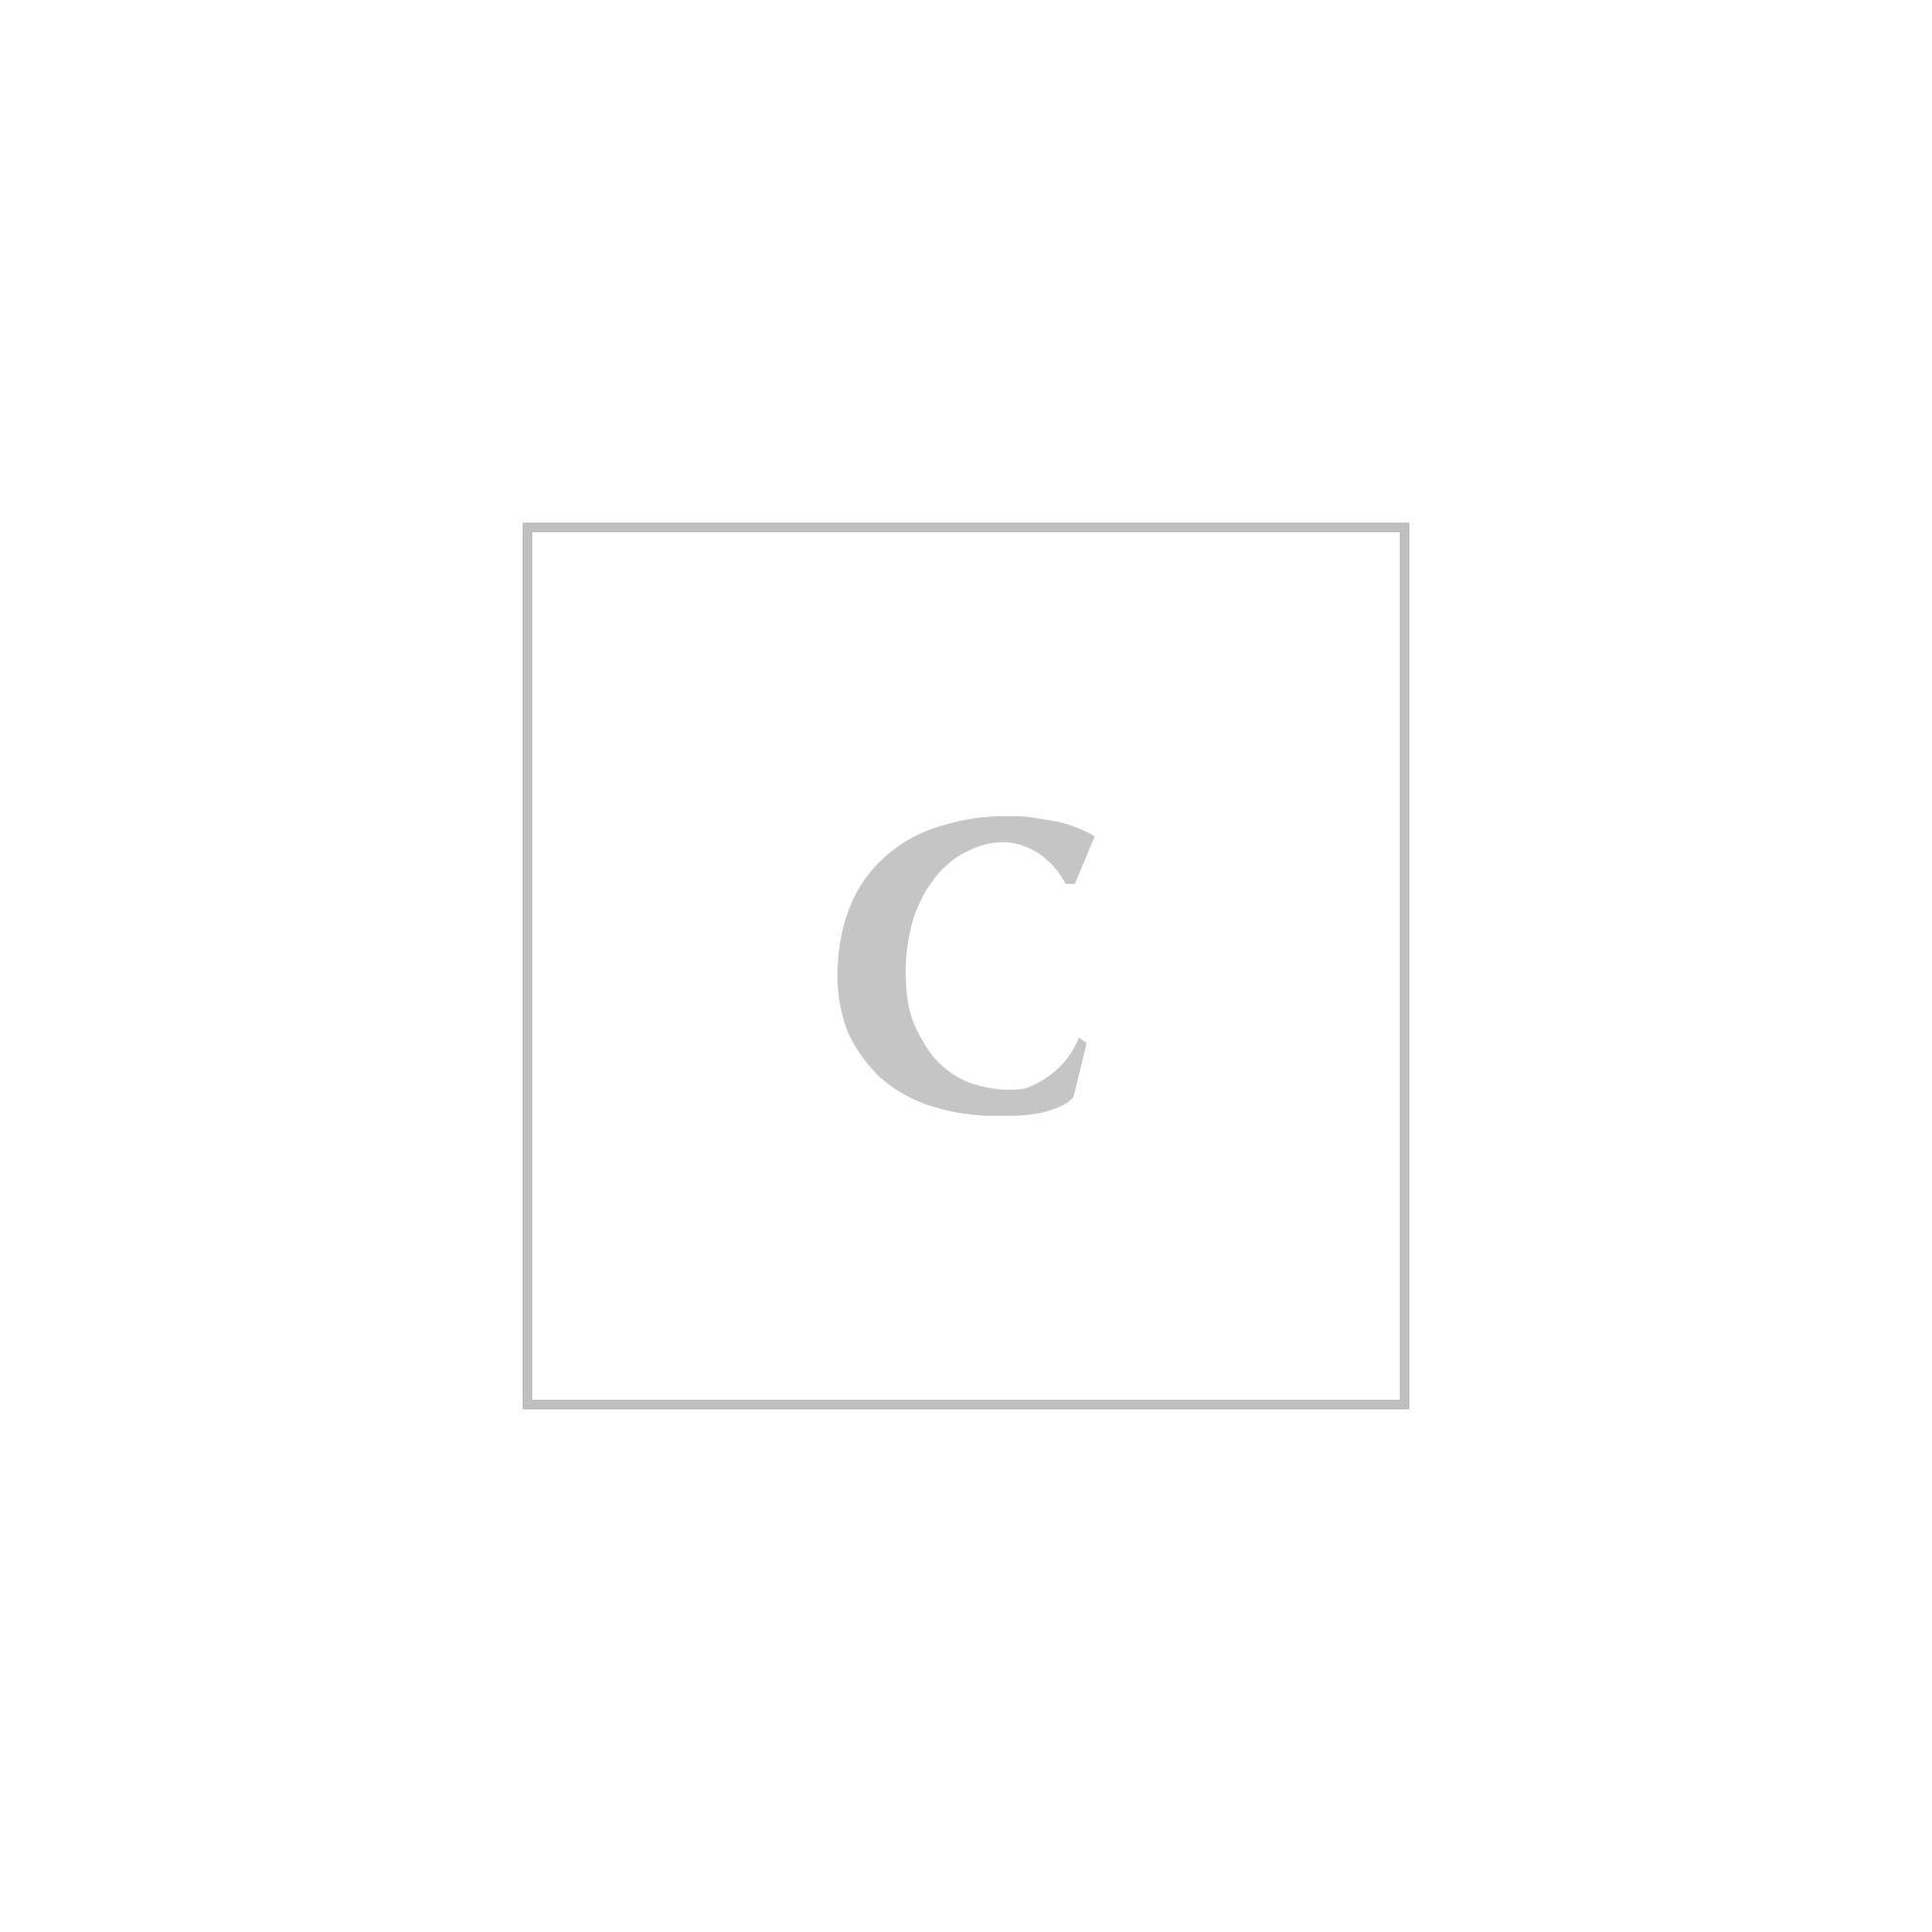 calvin klein 205w39nyc abbigliamento uomo t-shirt con ricamo logo